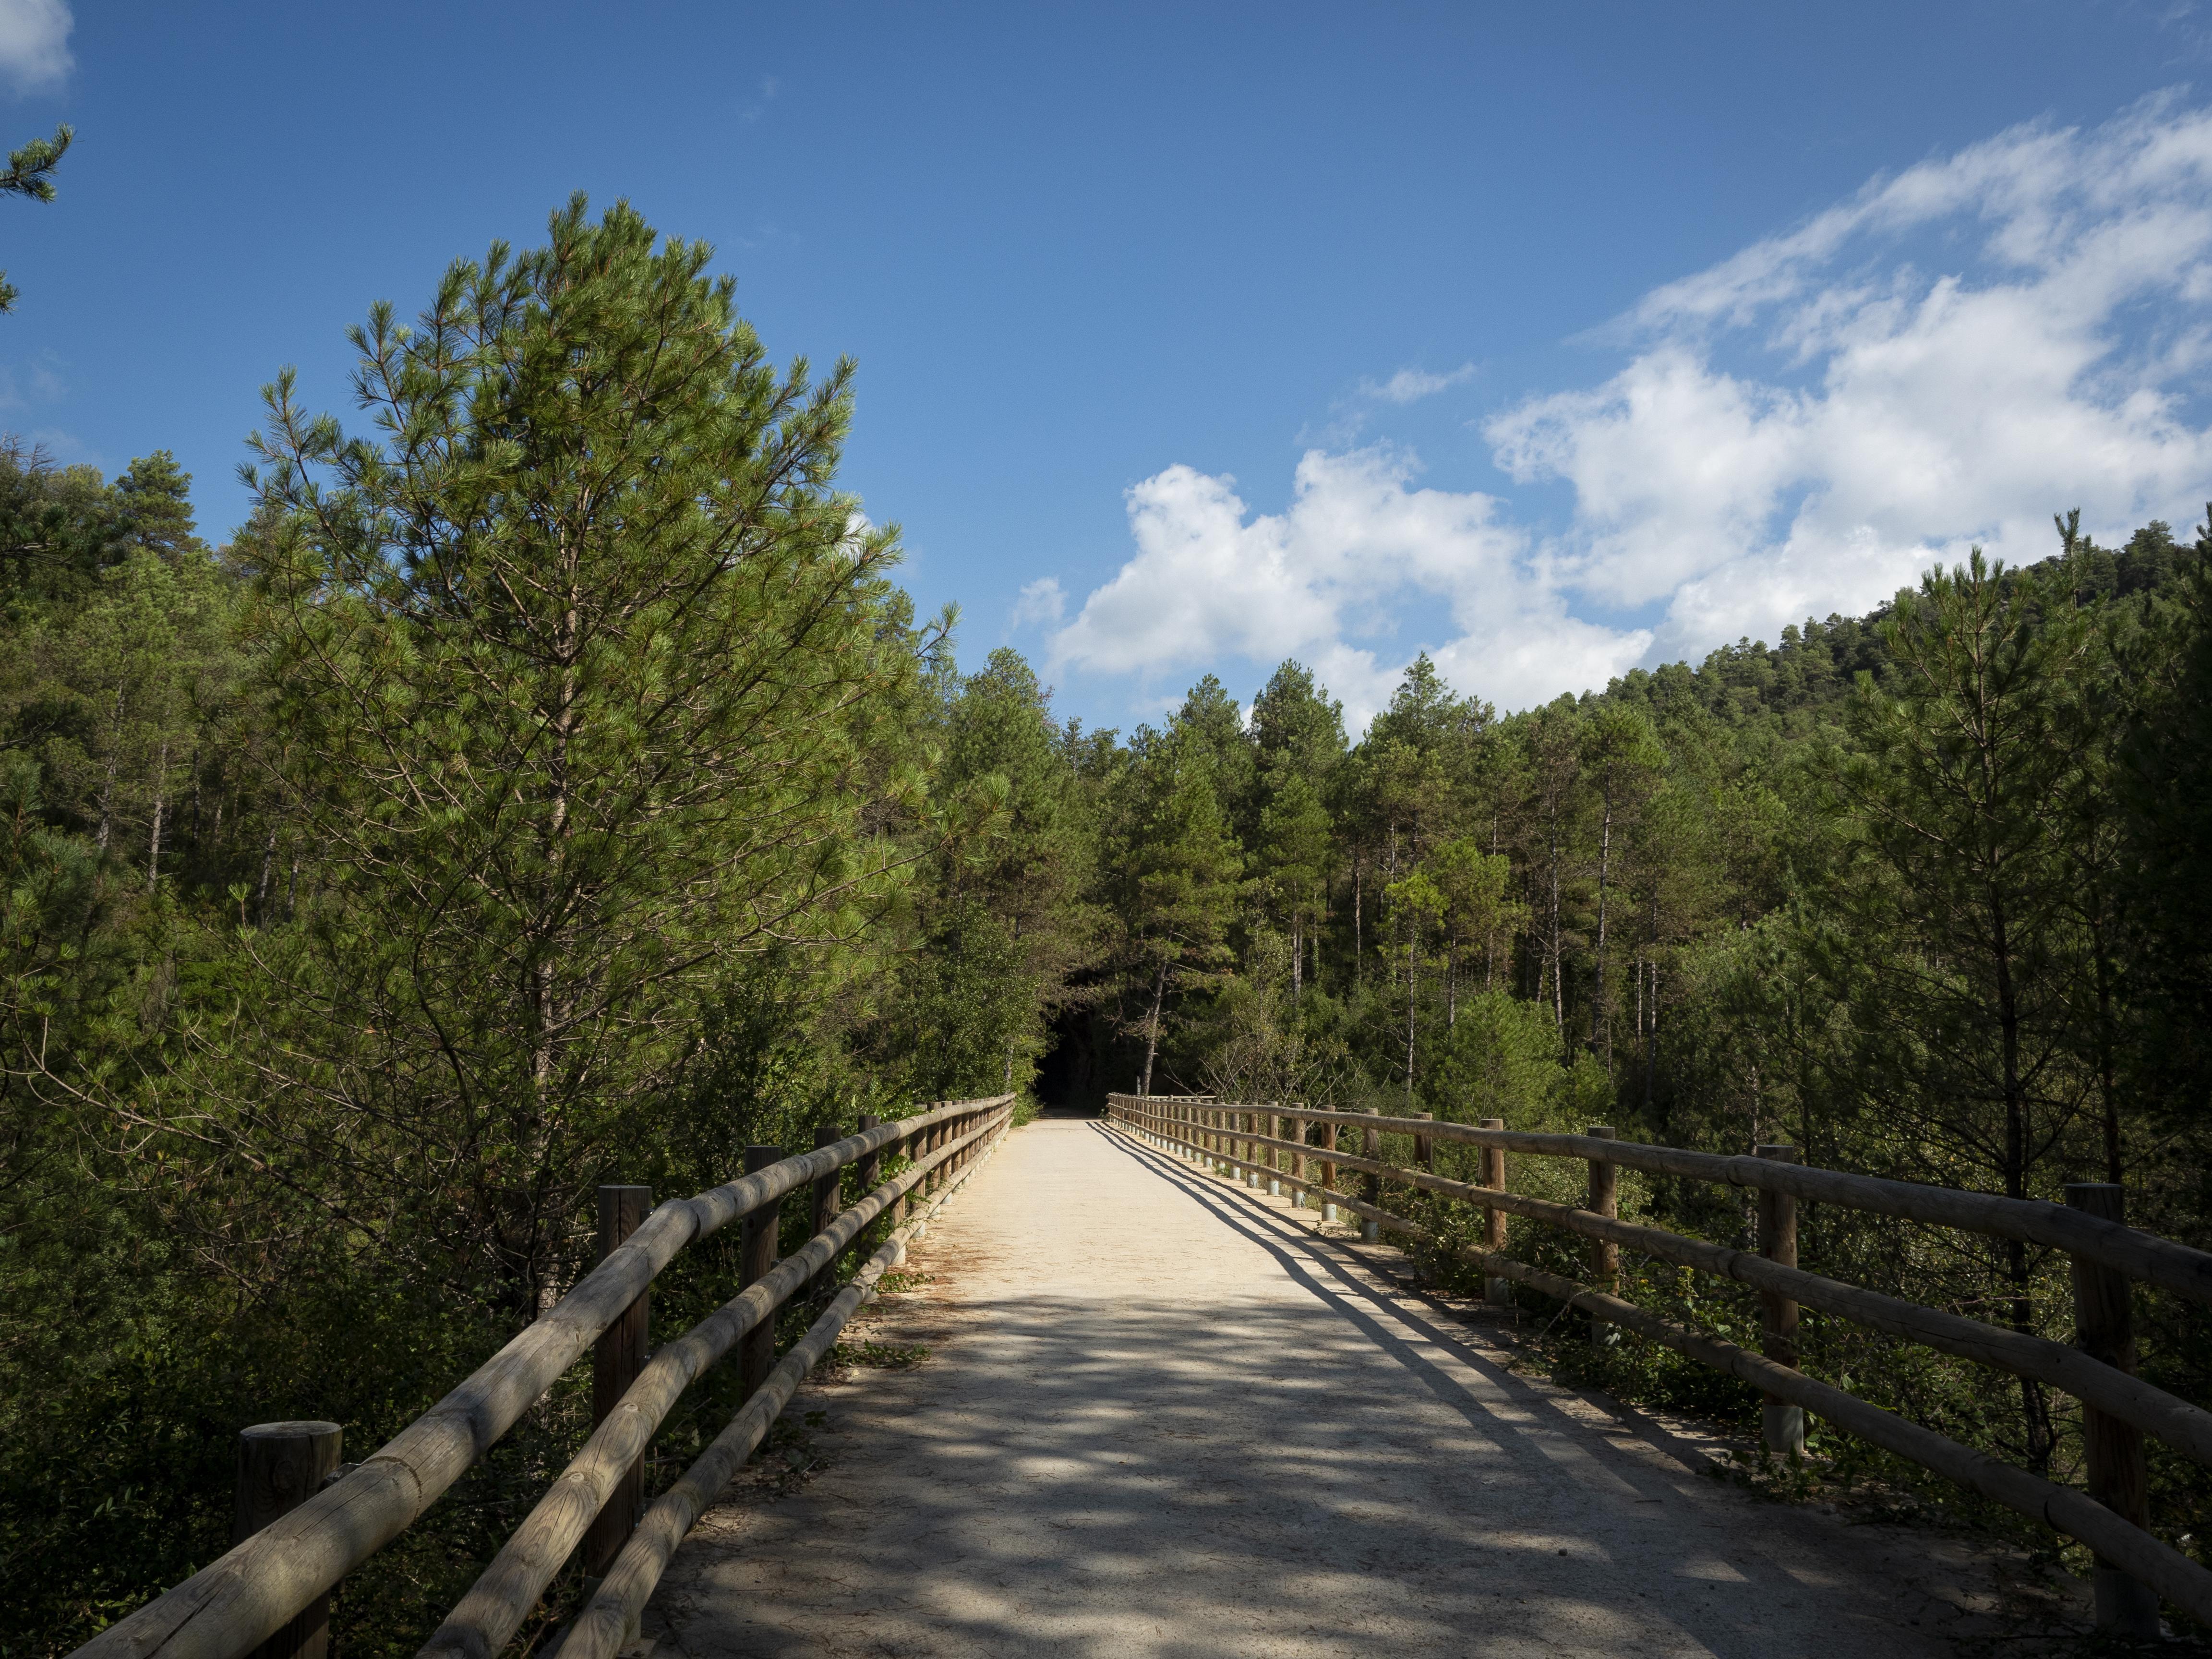 Pont a la Via Verda de Cal Rosal a Pedret. FOTO: Anna E. Puig